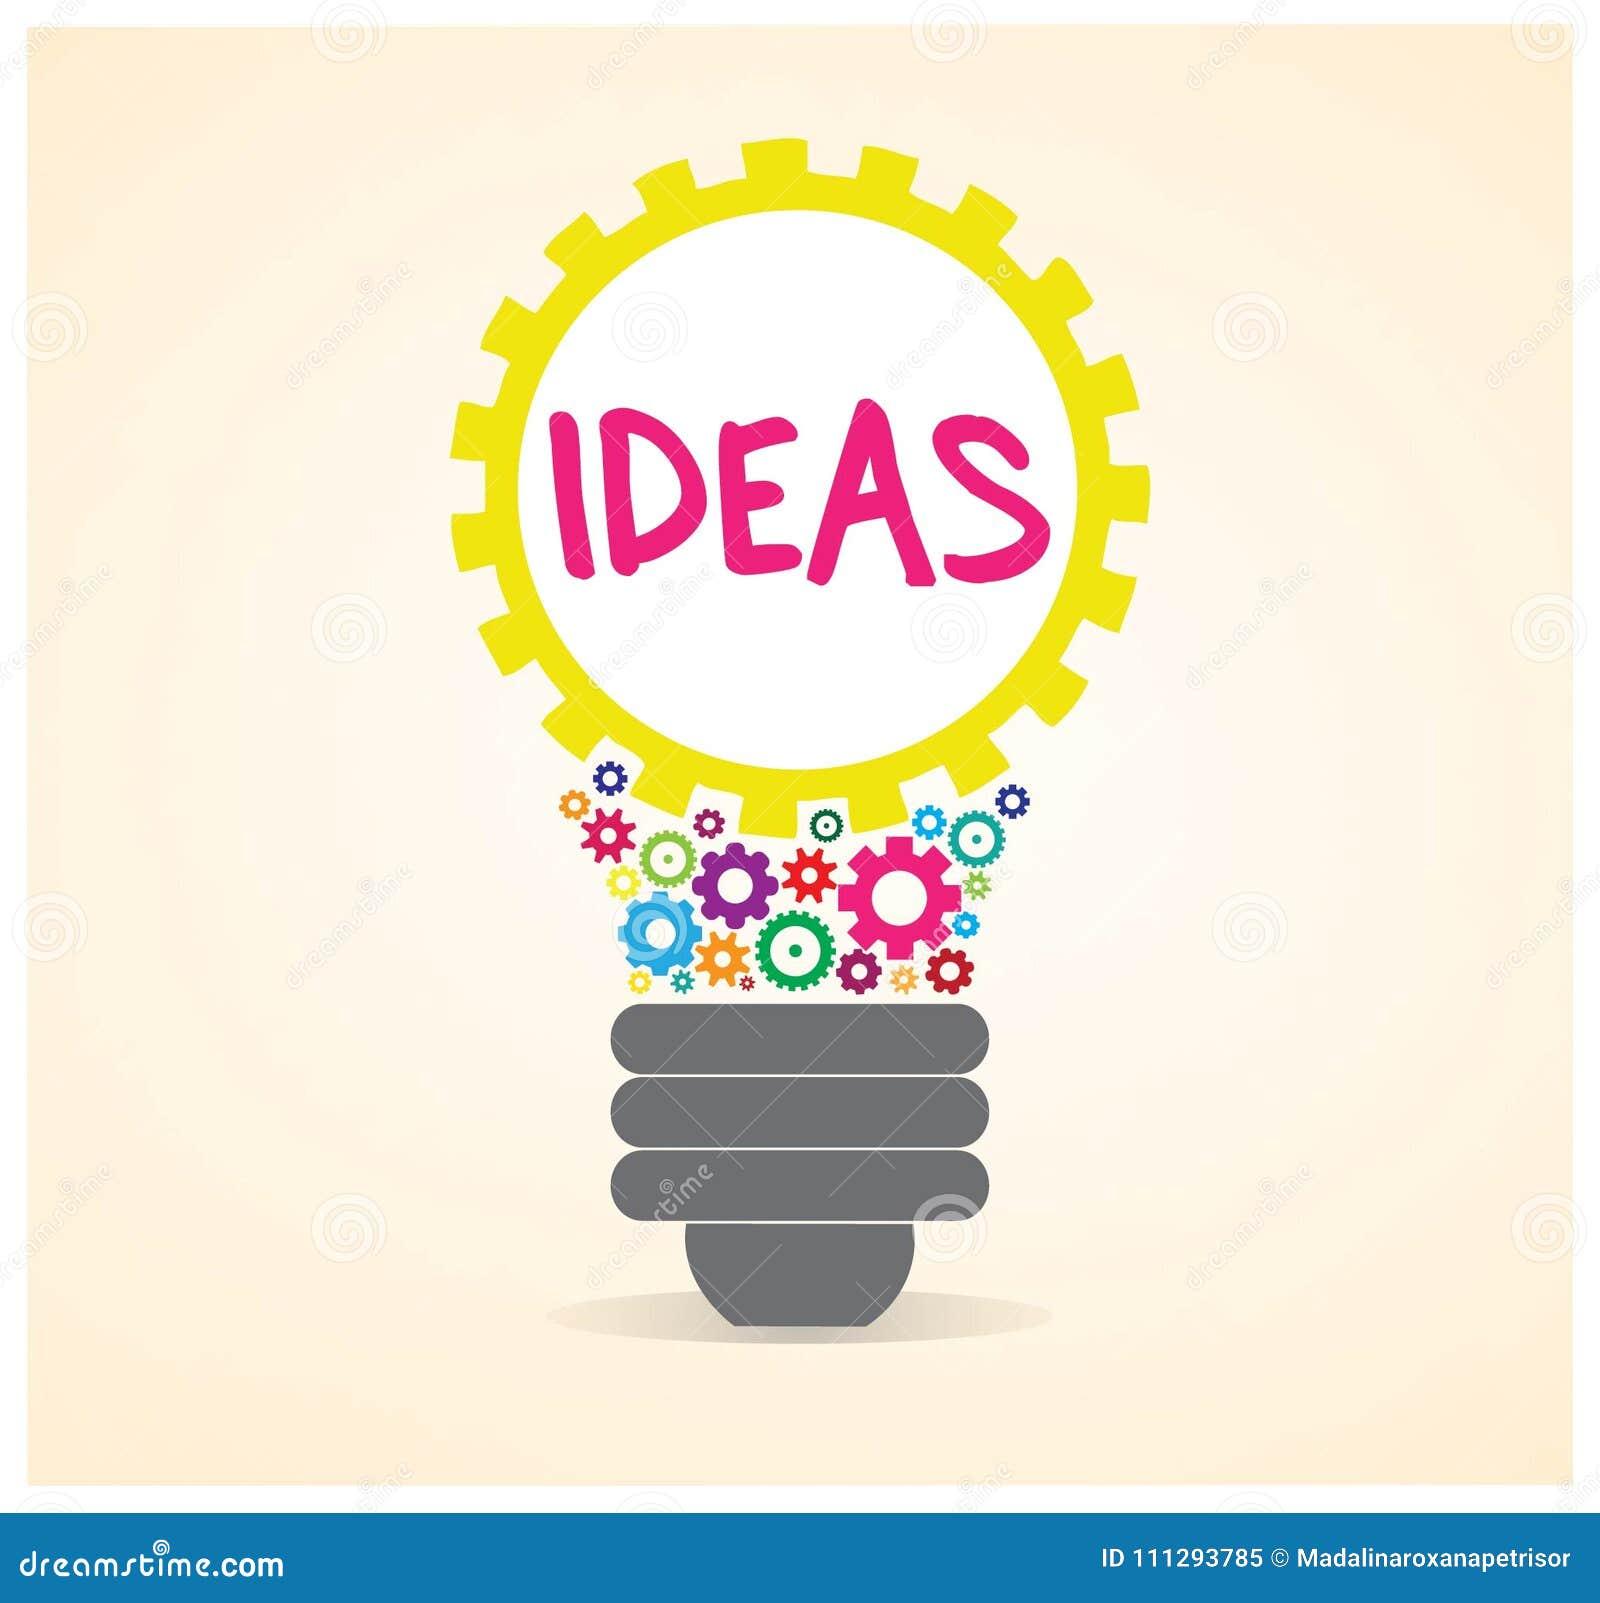 Ideas Inside A Gear Light Bulb Vector Design Stock Vector